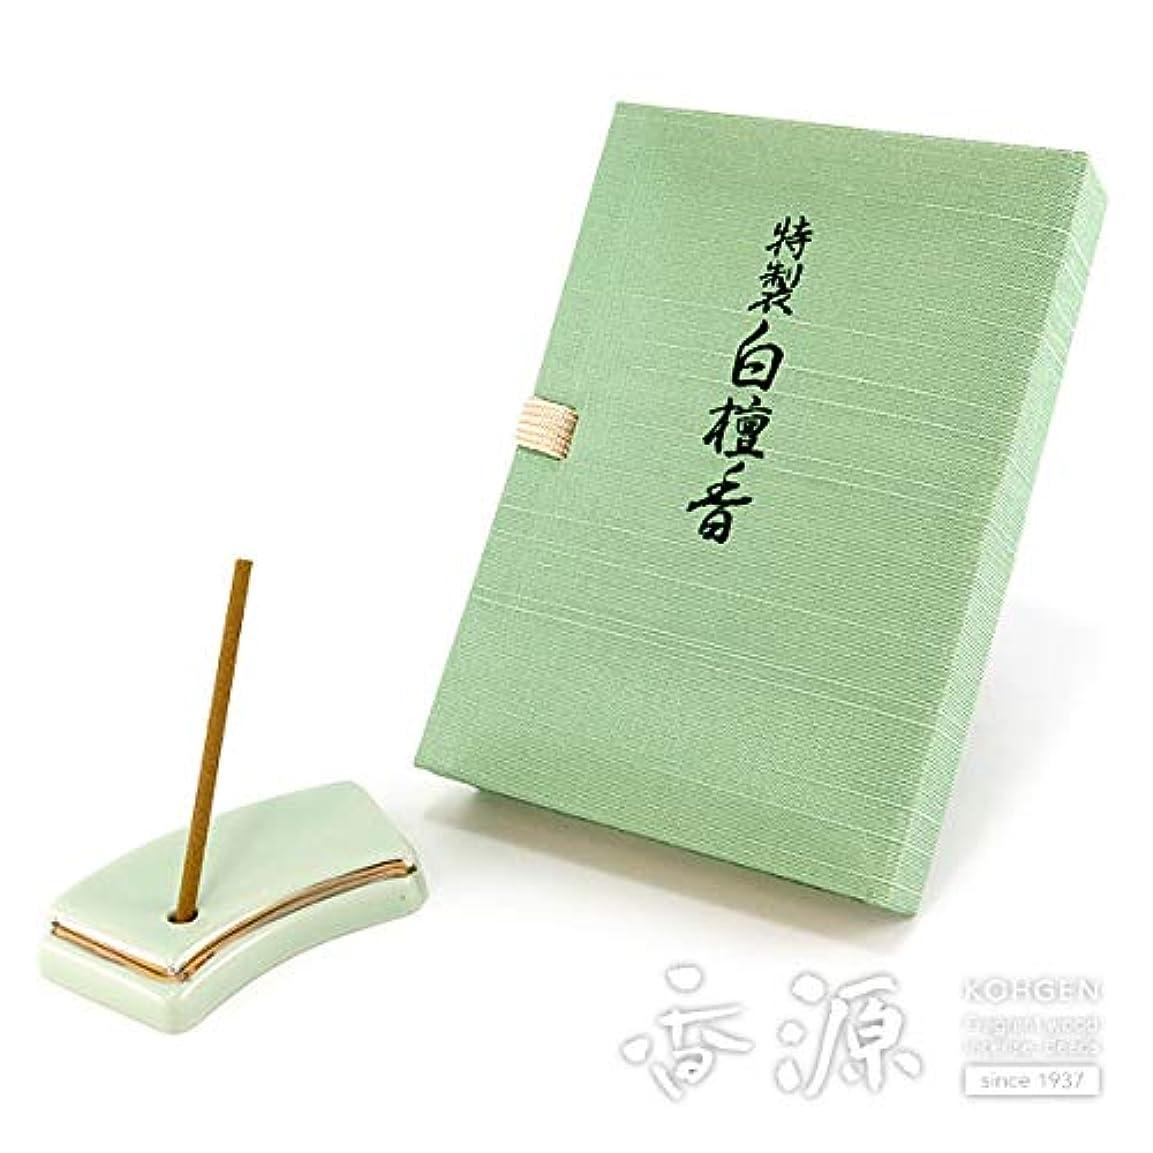 感じ羊開いた日本香堂のお香 特製白檀香 スティックミニ寸文庫型 60本入り